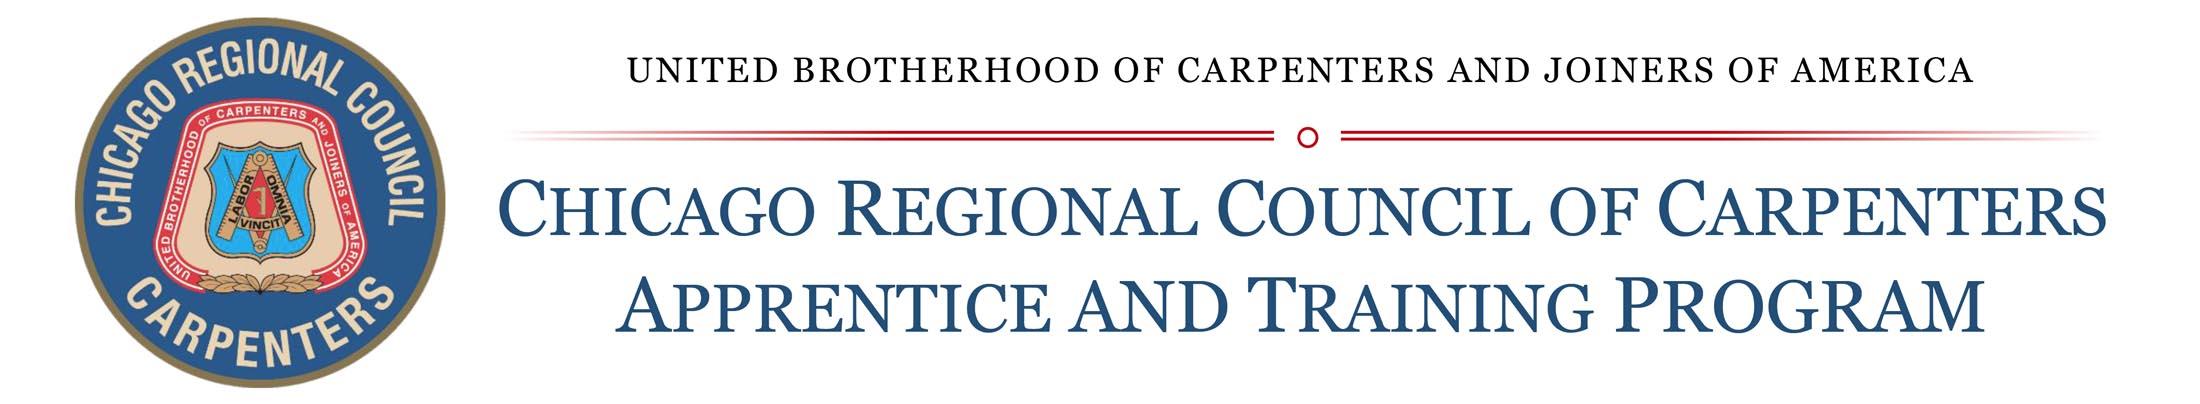 Chicago Regional Council of Carpenters Logo